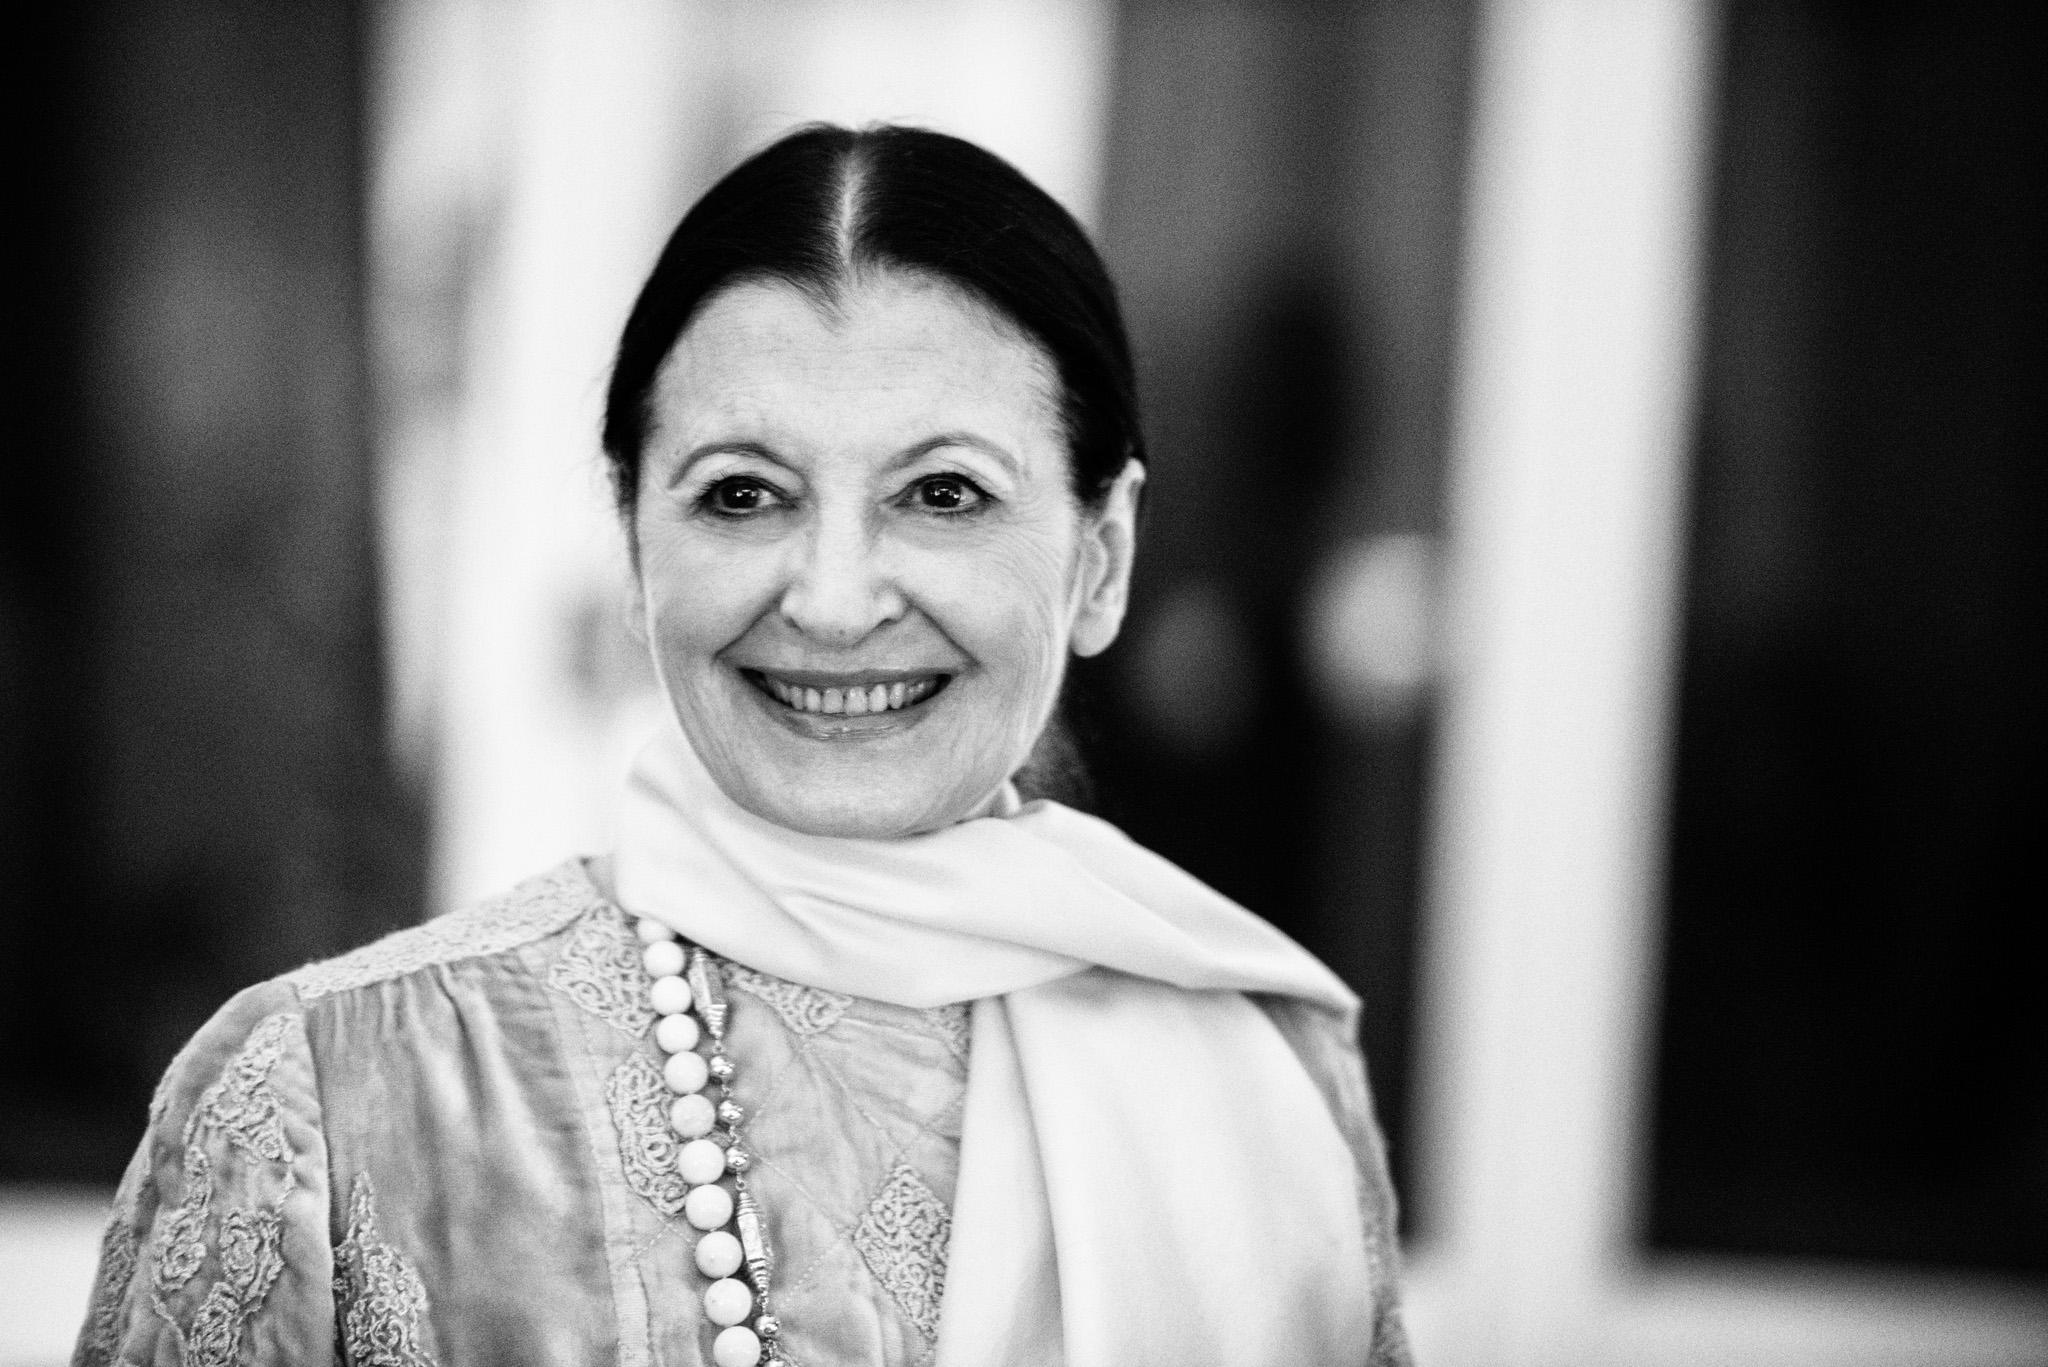 Giornata mondiale della danza, Carla Fracci per 4 giorni in Basilicata tra premi ed eventi